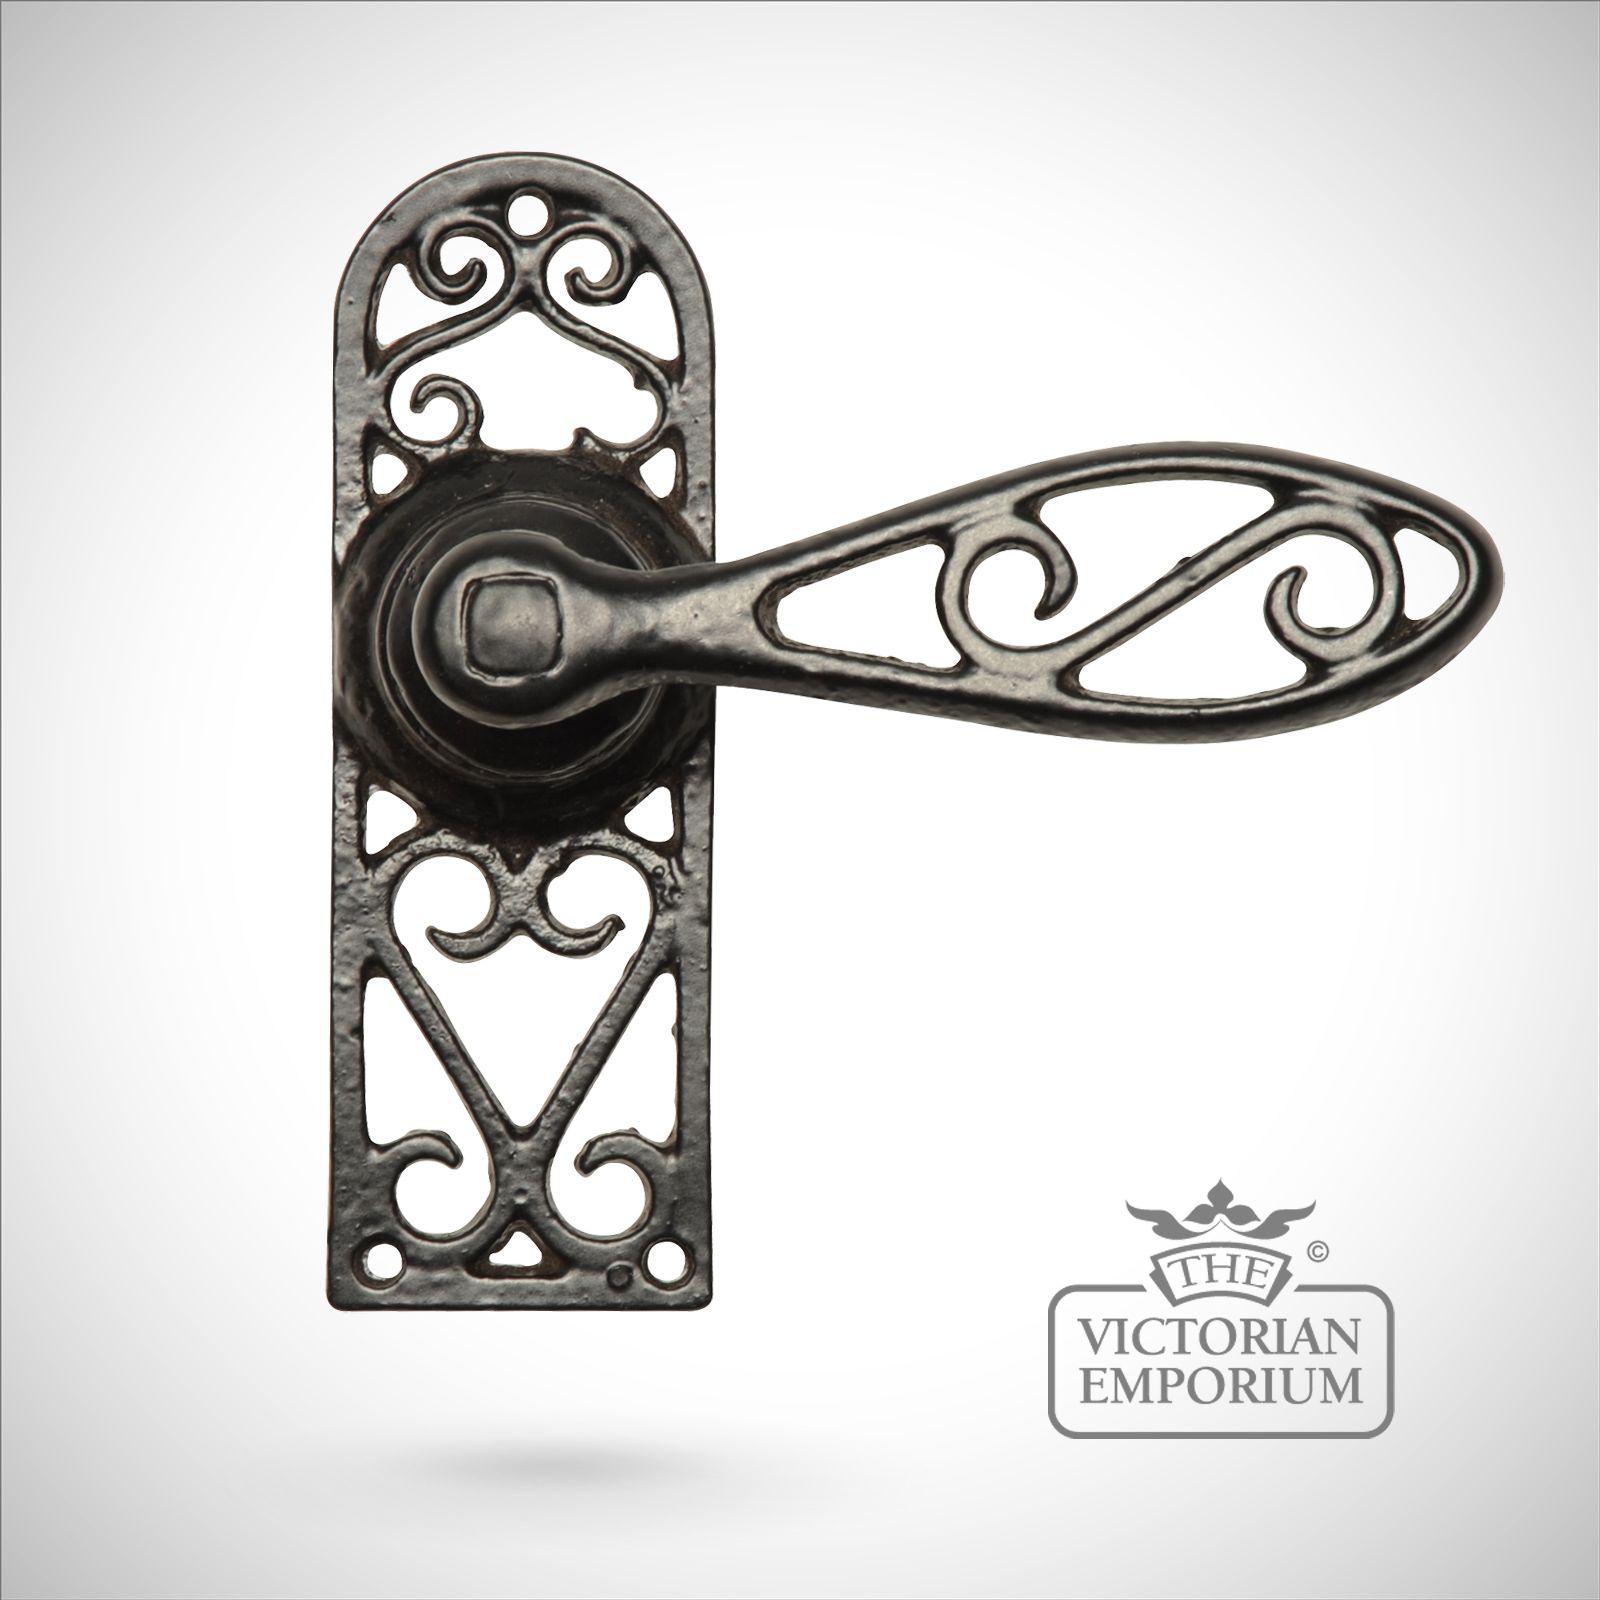 Collection Cast Iron Door Handles Pictures - Losro.com